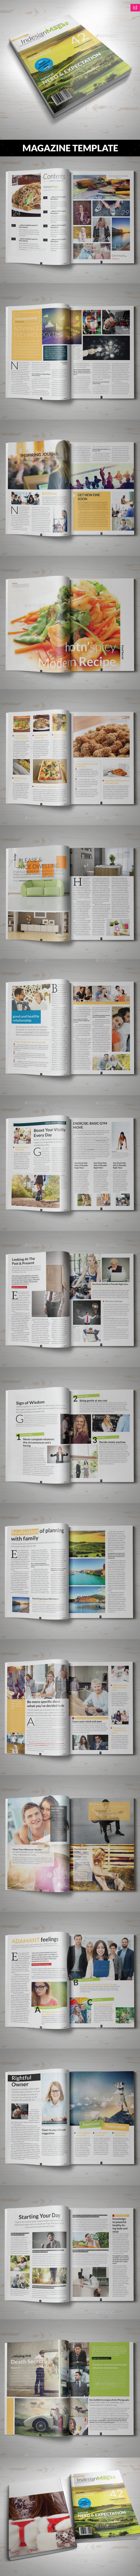 Indesign Magazine 18th | Multi-purpose - Magazines Print Templates